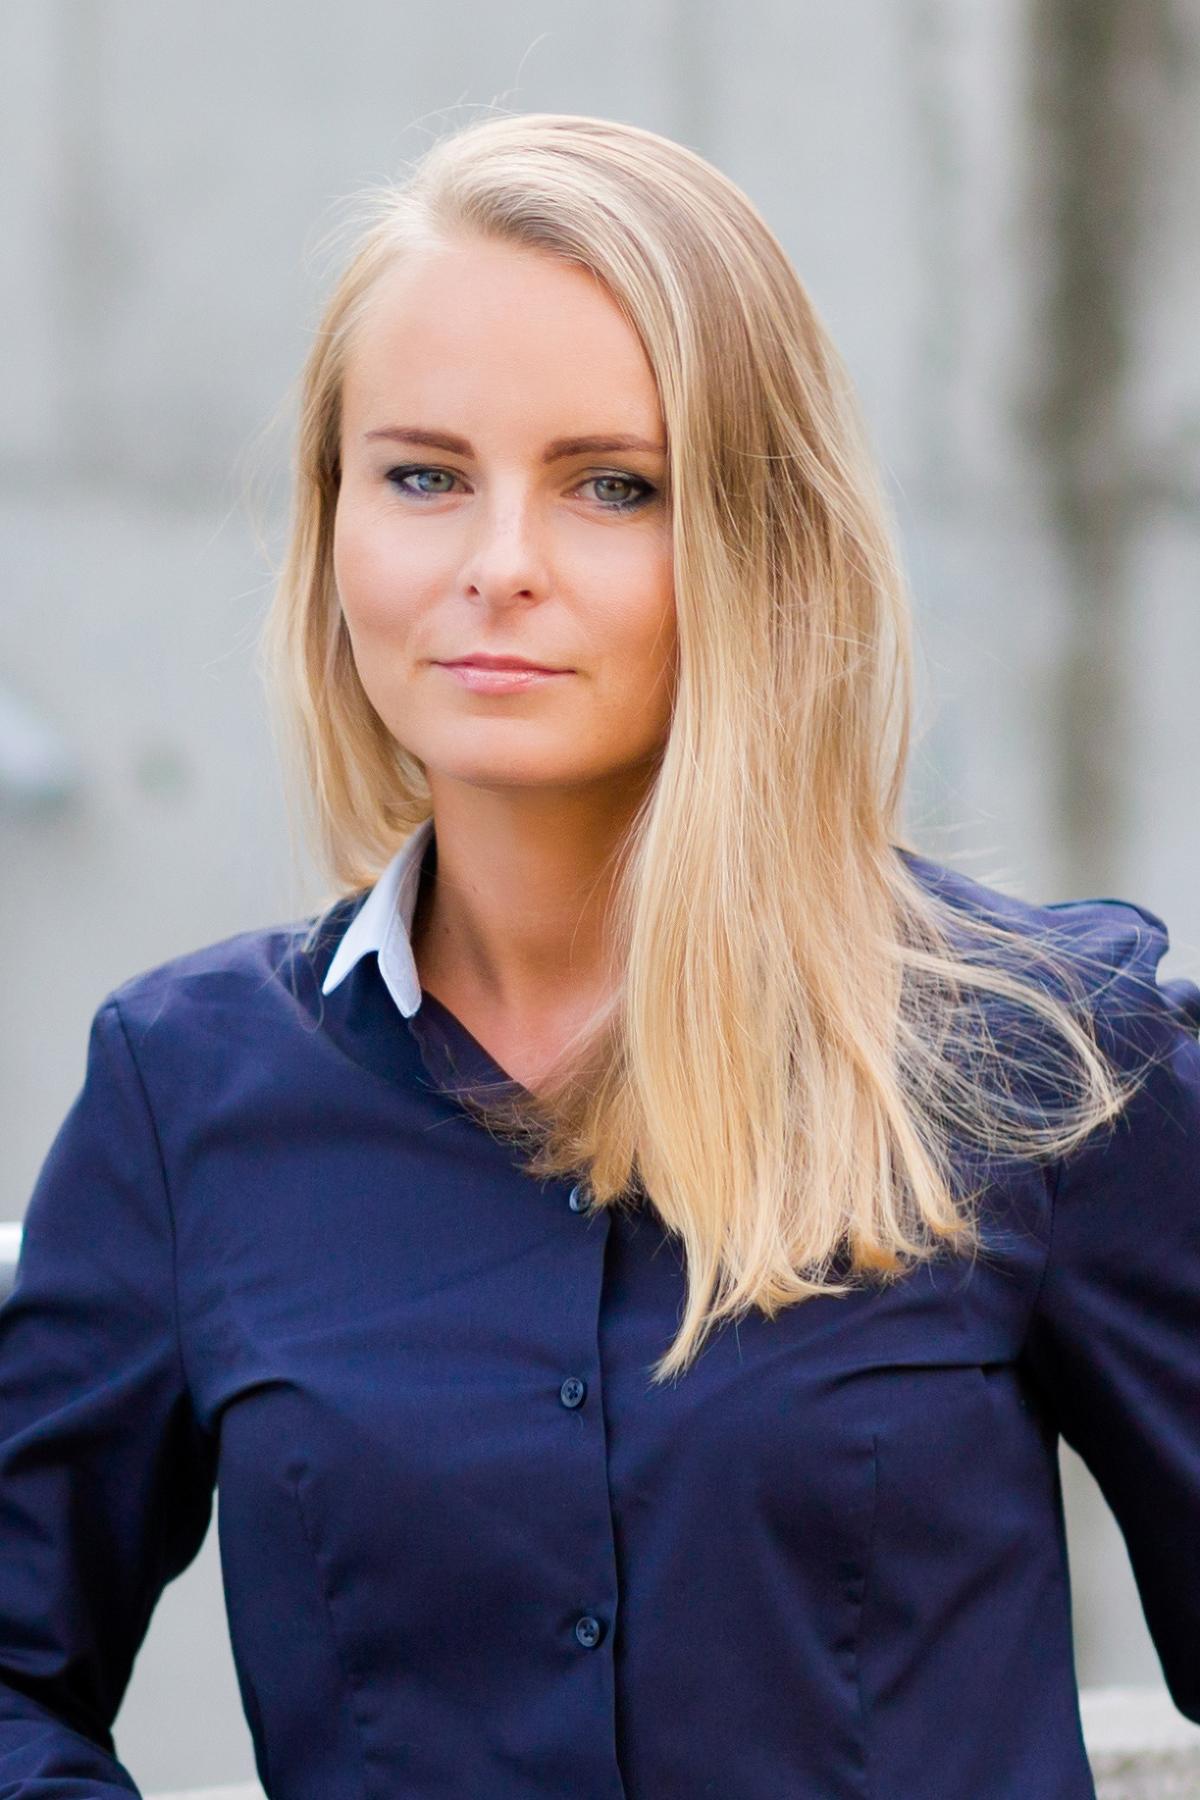 sesja reklamowa portretowa bielsko 04 Ewa i Ania   sesja biznesowa